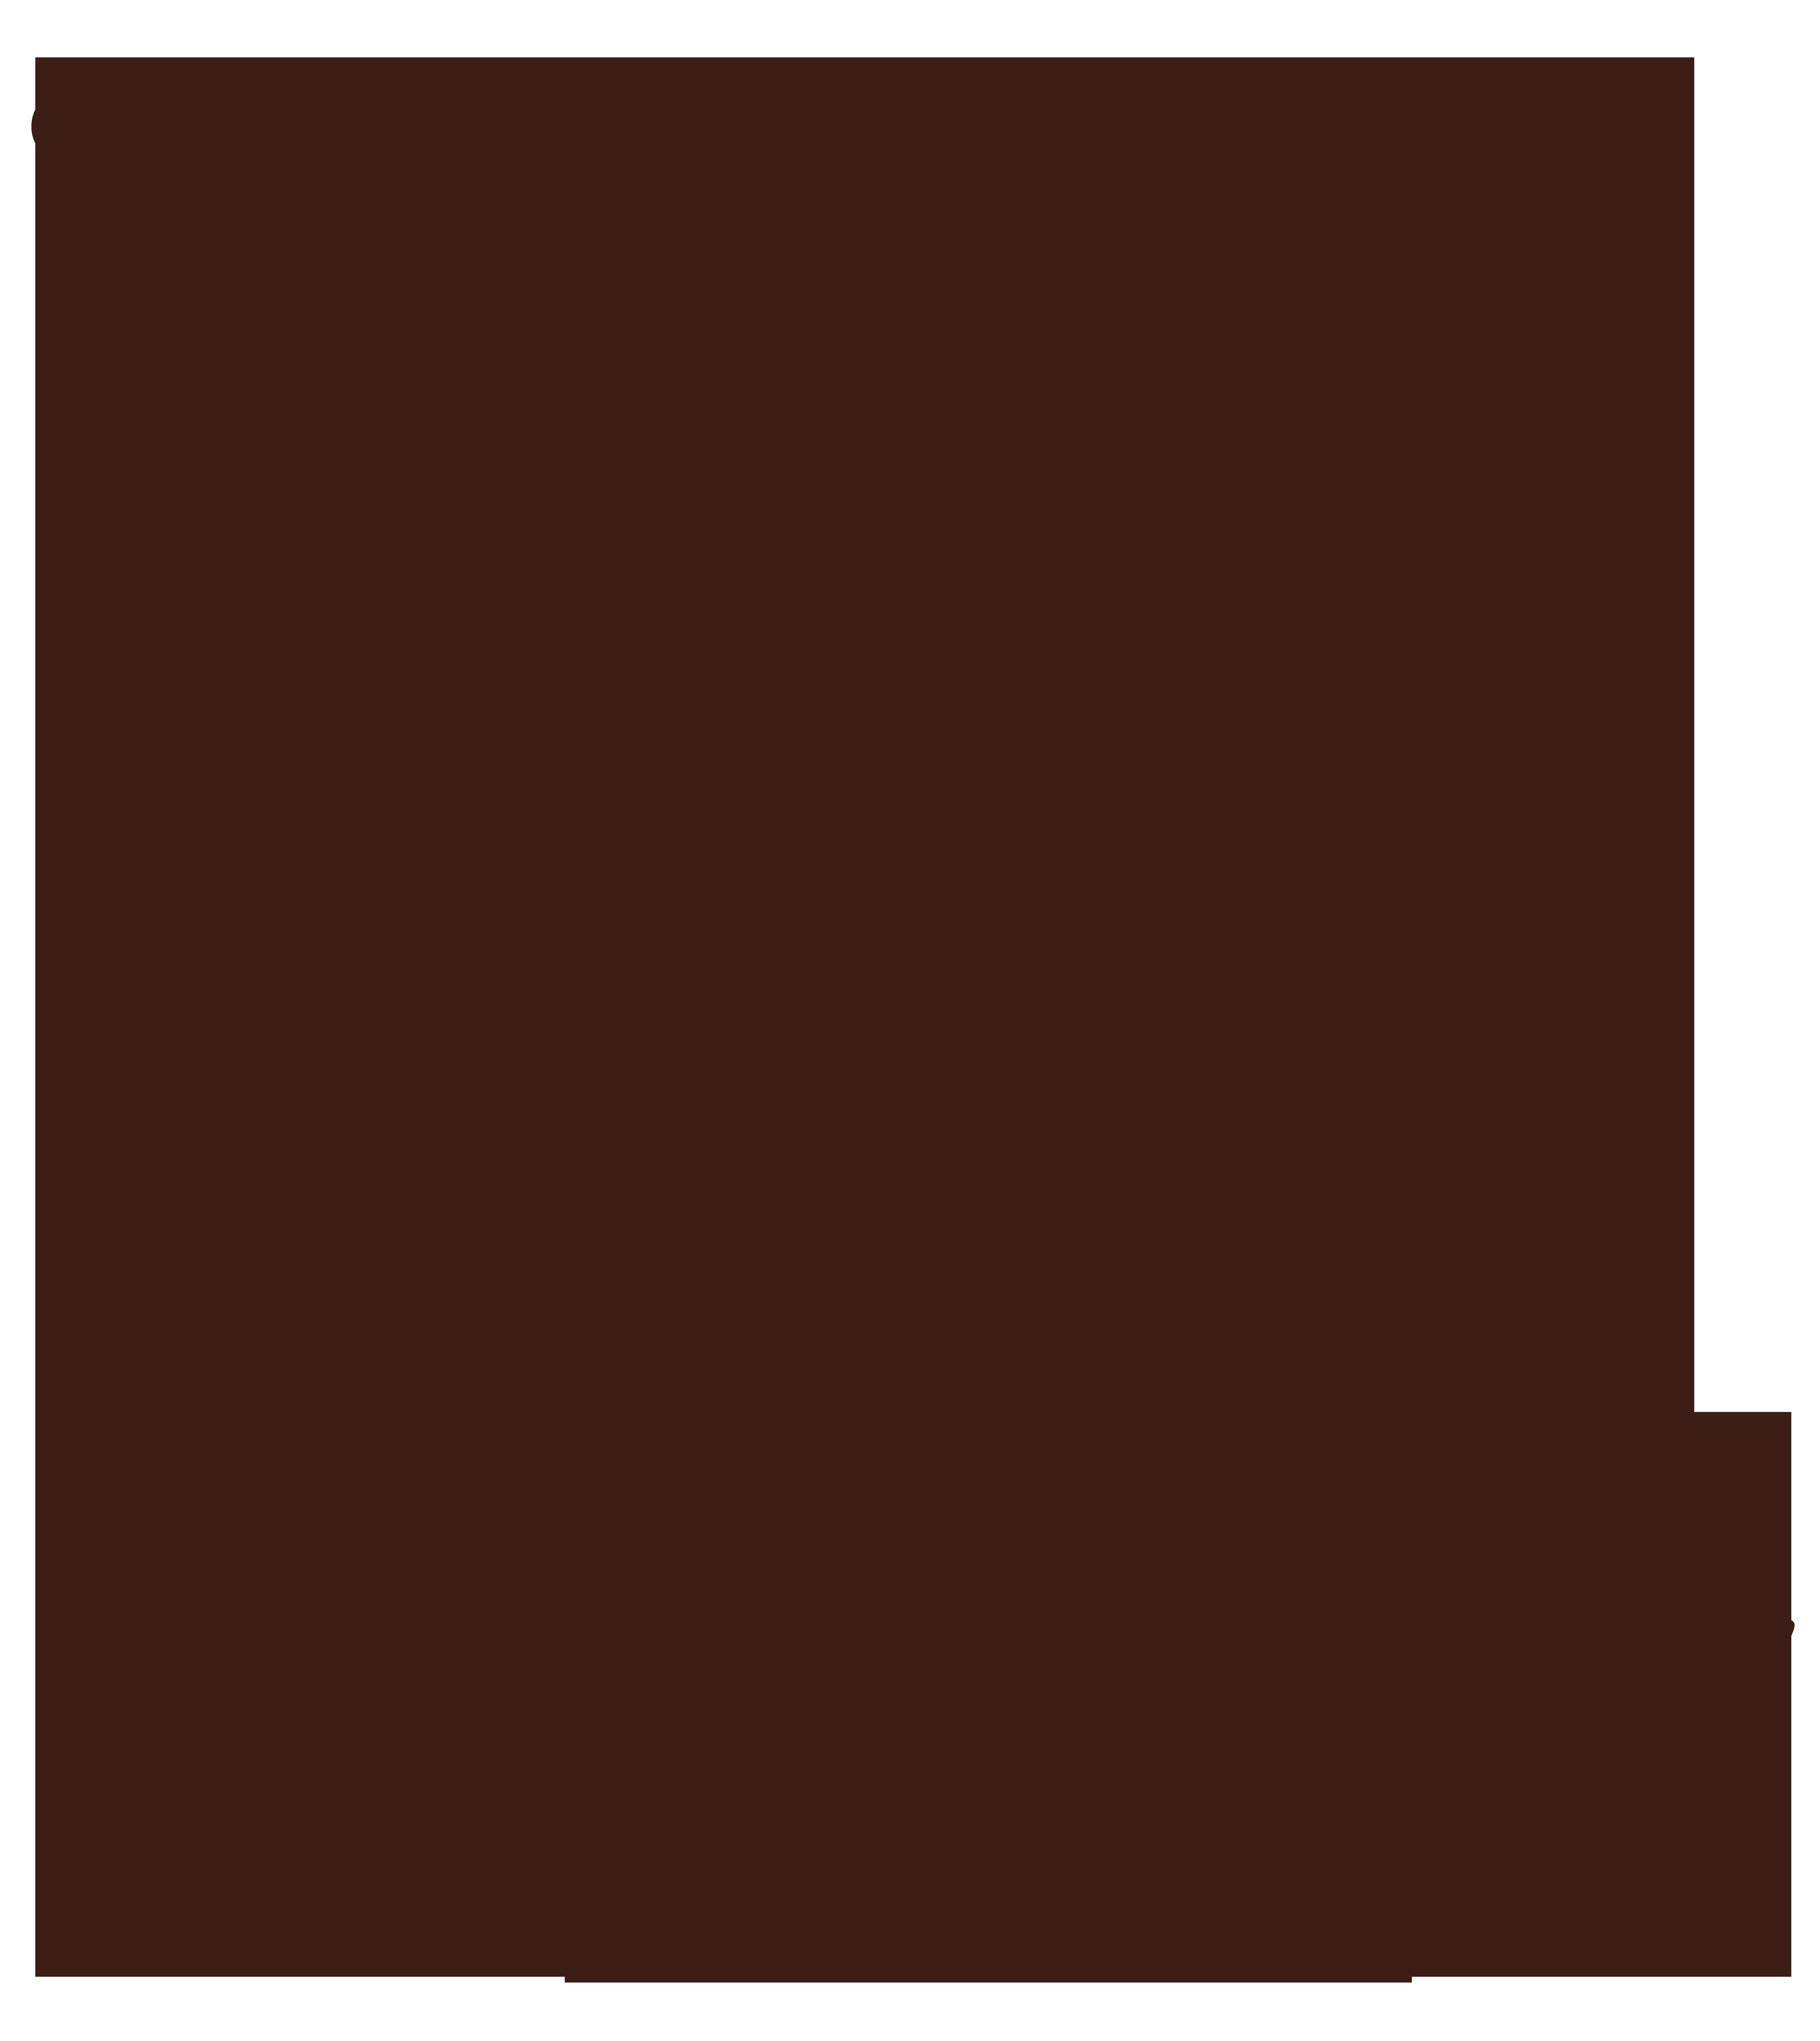 Before you speak, THINK Vinyl Decal Sticker Quote - Medium - Dark Red